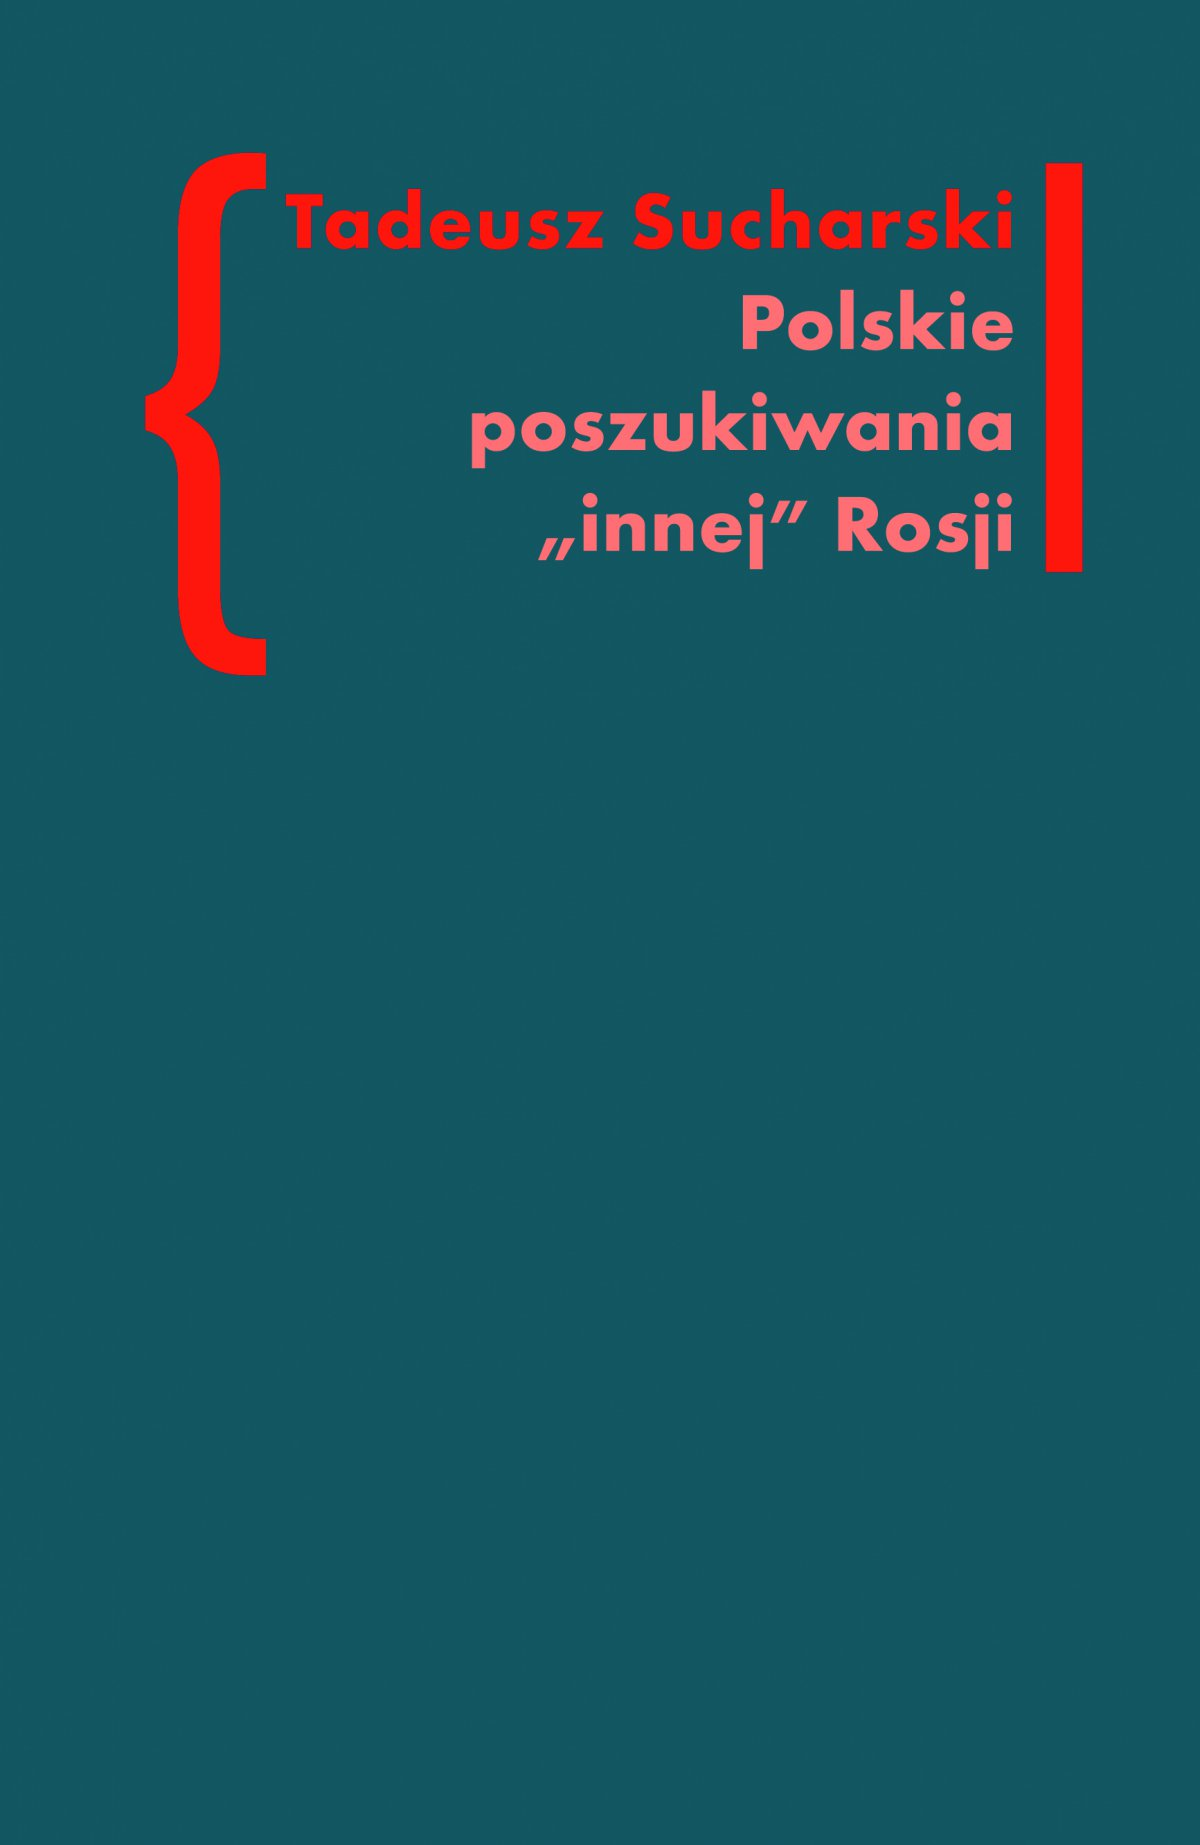 """Polskie poszukiwania """"innej Rosji"""" - Ebook (Książka EPUB) do pobrania w formacie EPUB"""